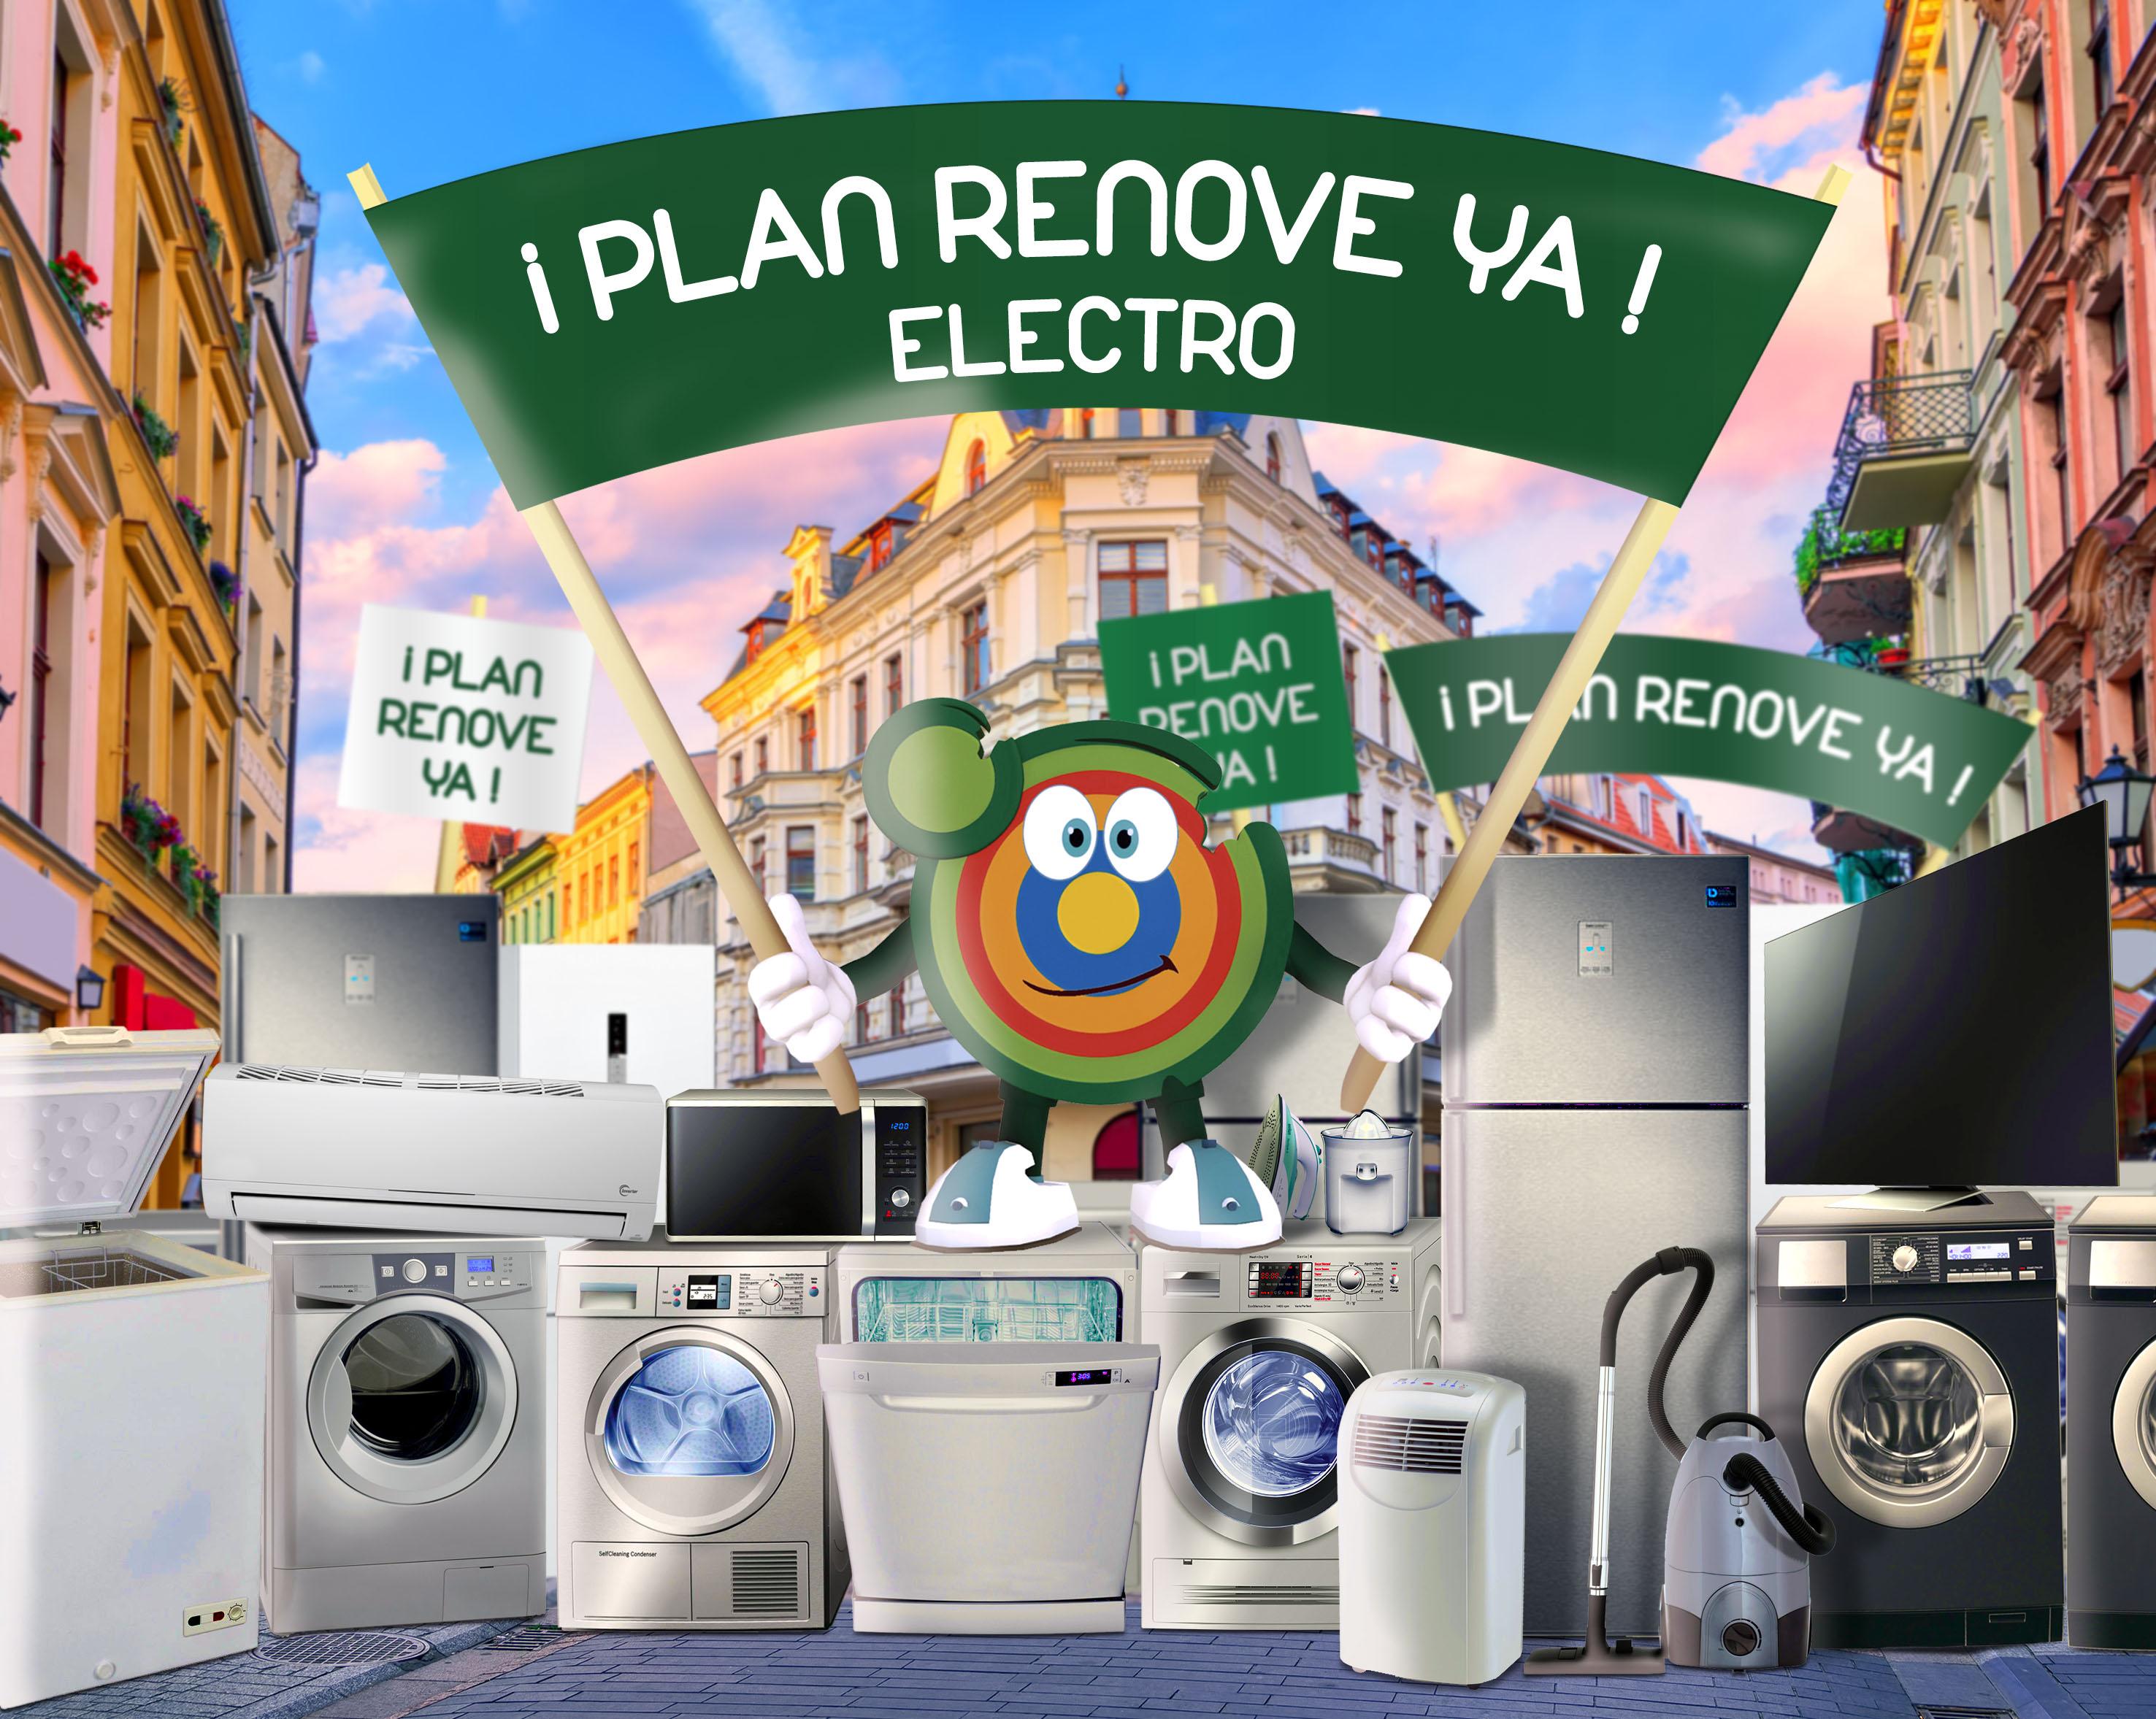 FAEL reivindica la urgente reactivación de un Plan Renove de Electrodomésticos para Andalucía